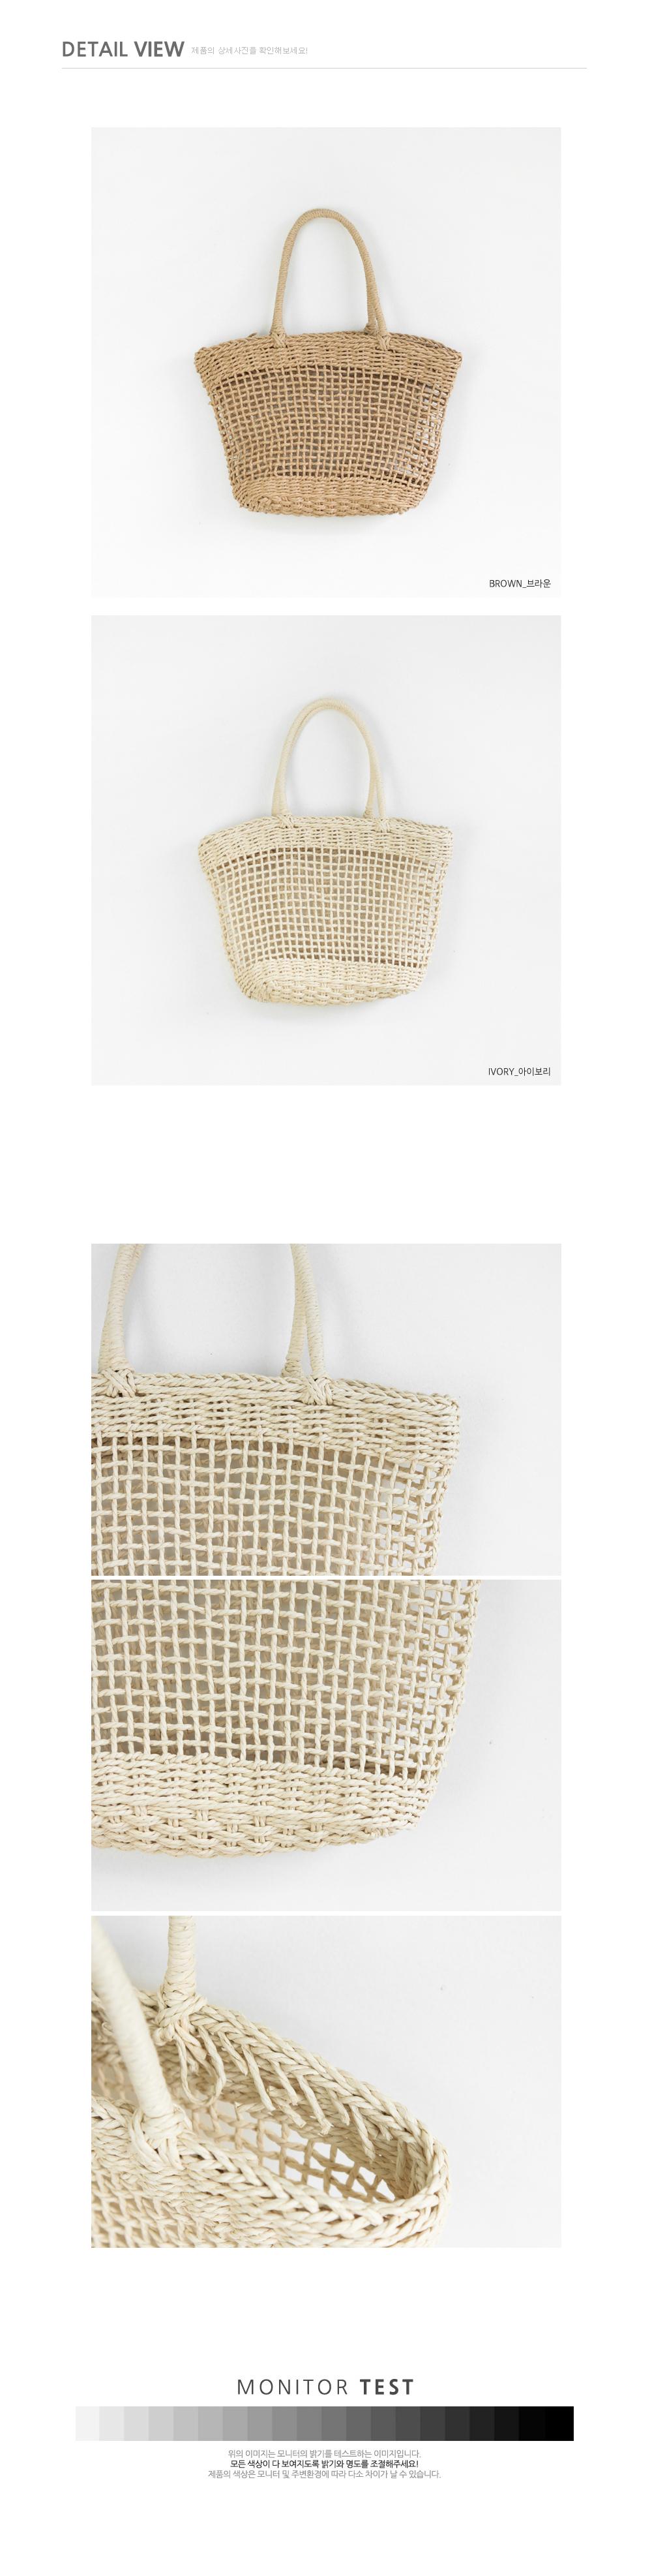 오가닉-bag